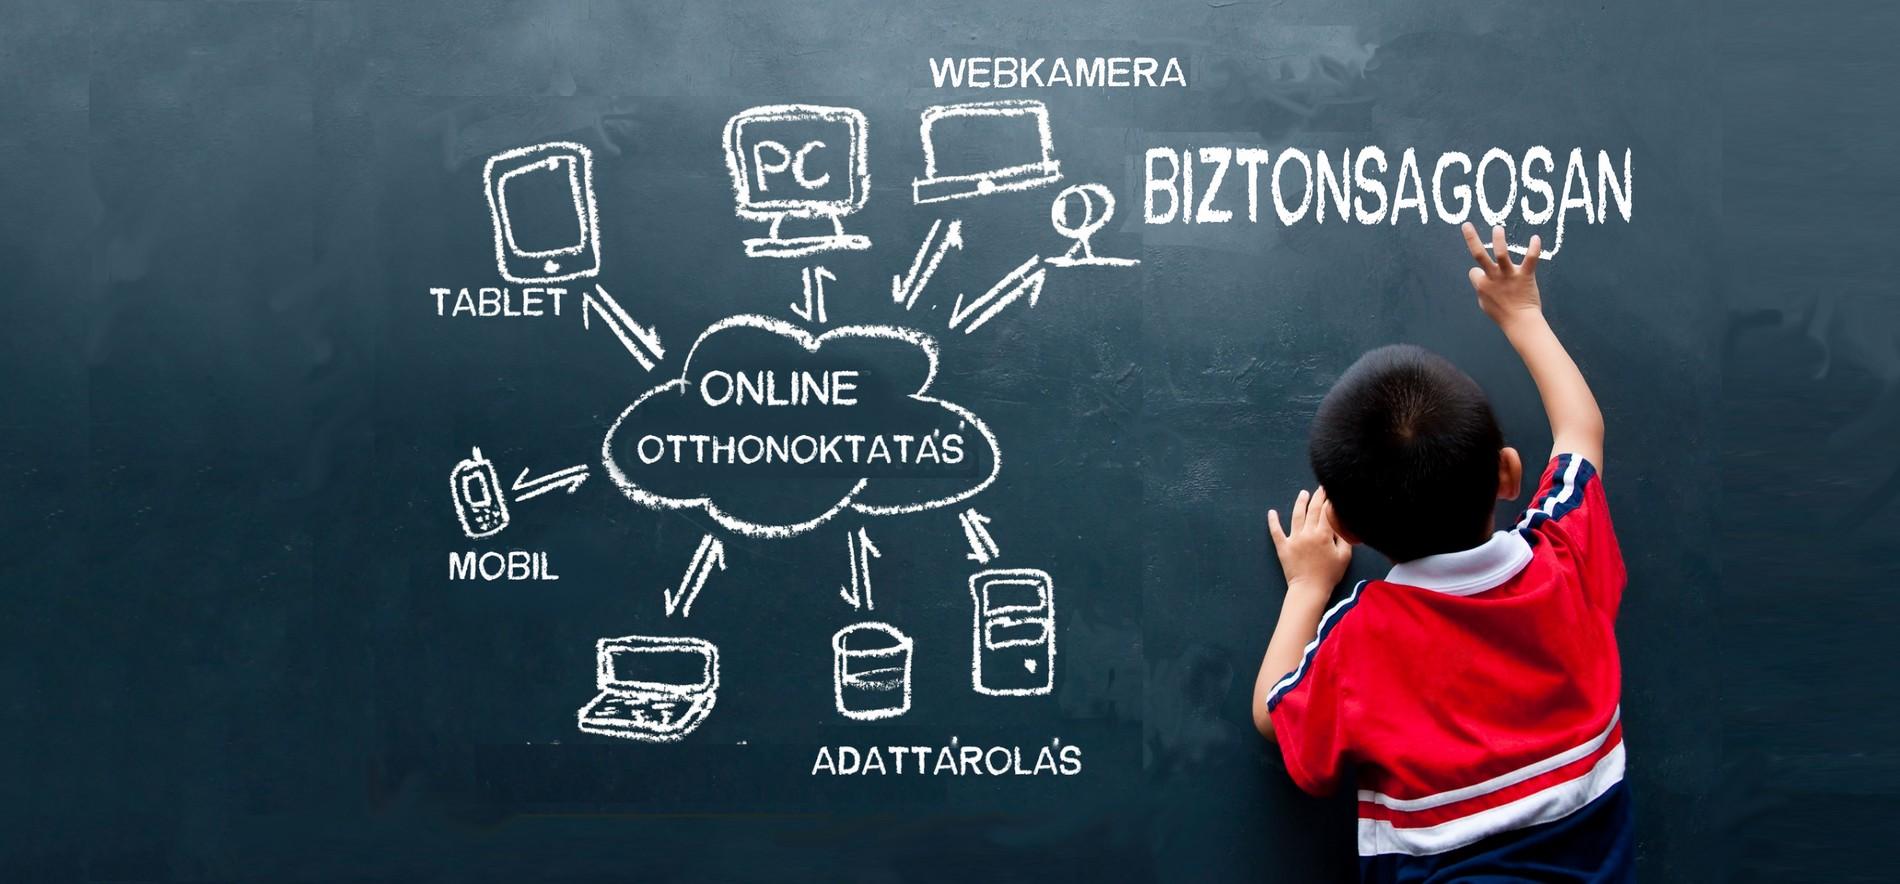 digitális oktatás, digitális család, internet biztonságosan